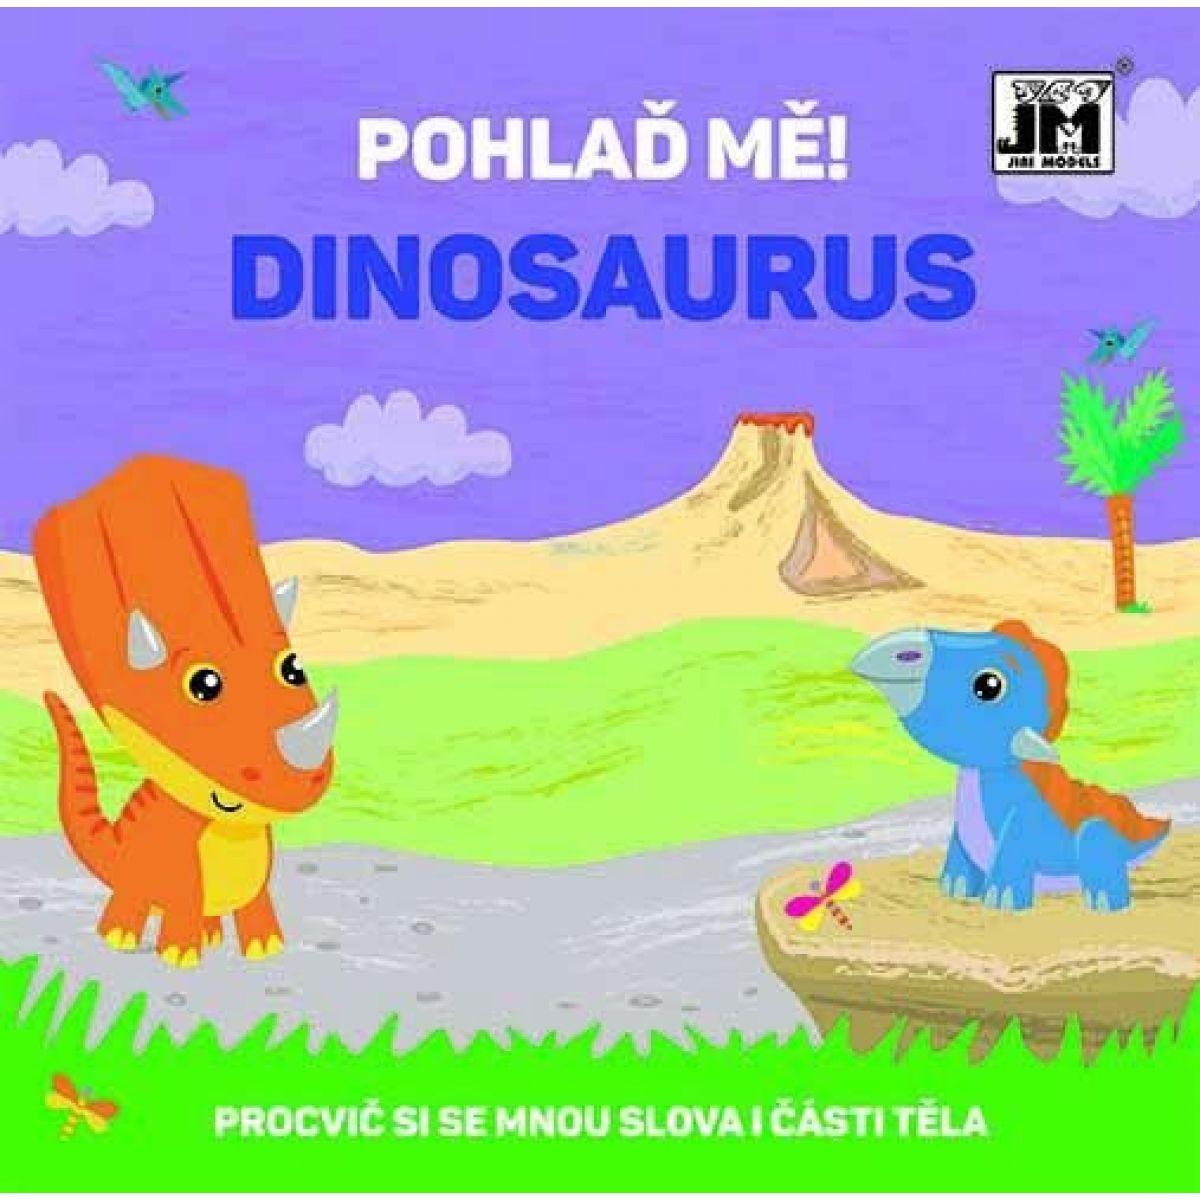 Jiri Models Pohlaď mě Dinosaurus